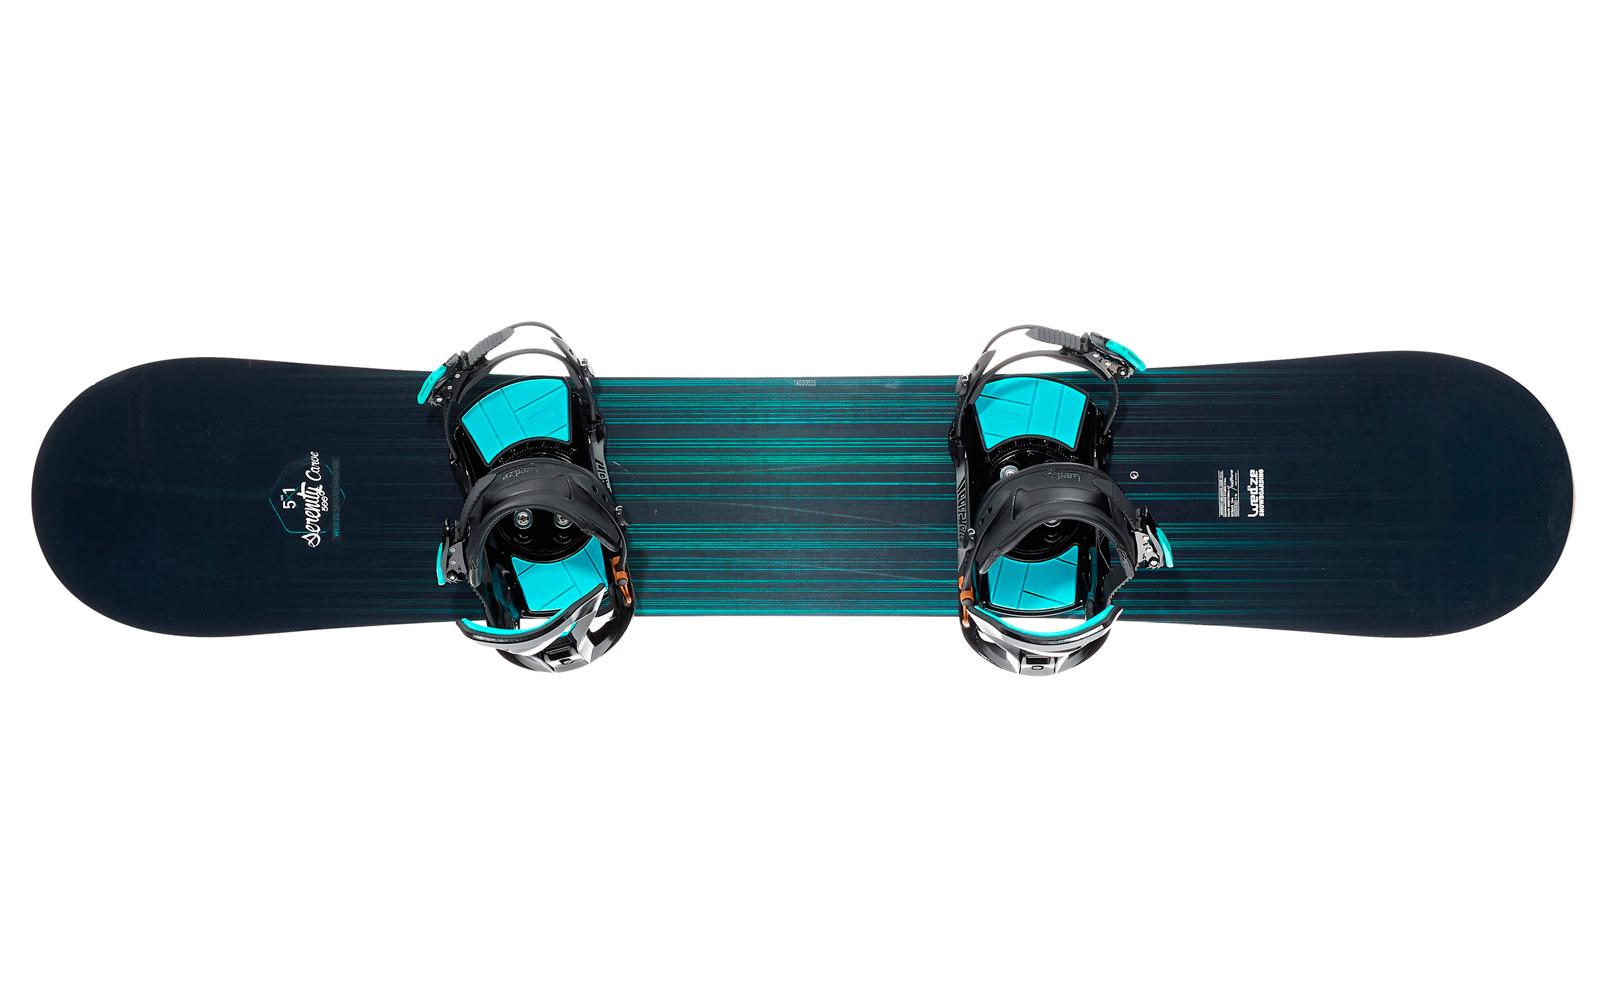 Tavole da snowboard scegli modelli lady silhouette donna - Costruire tavola da snowboard ...